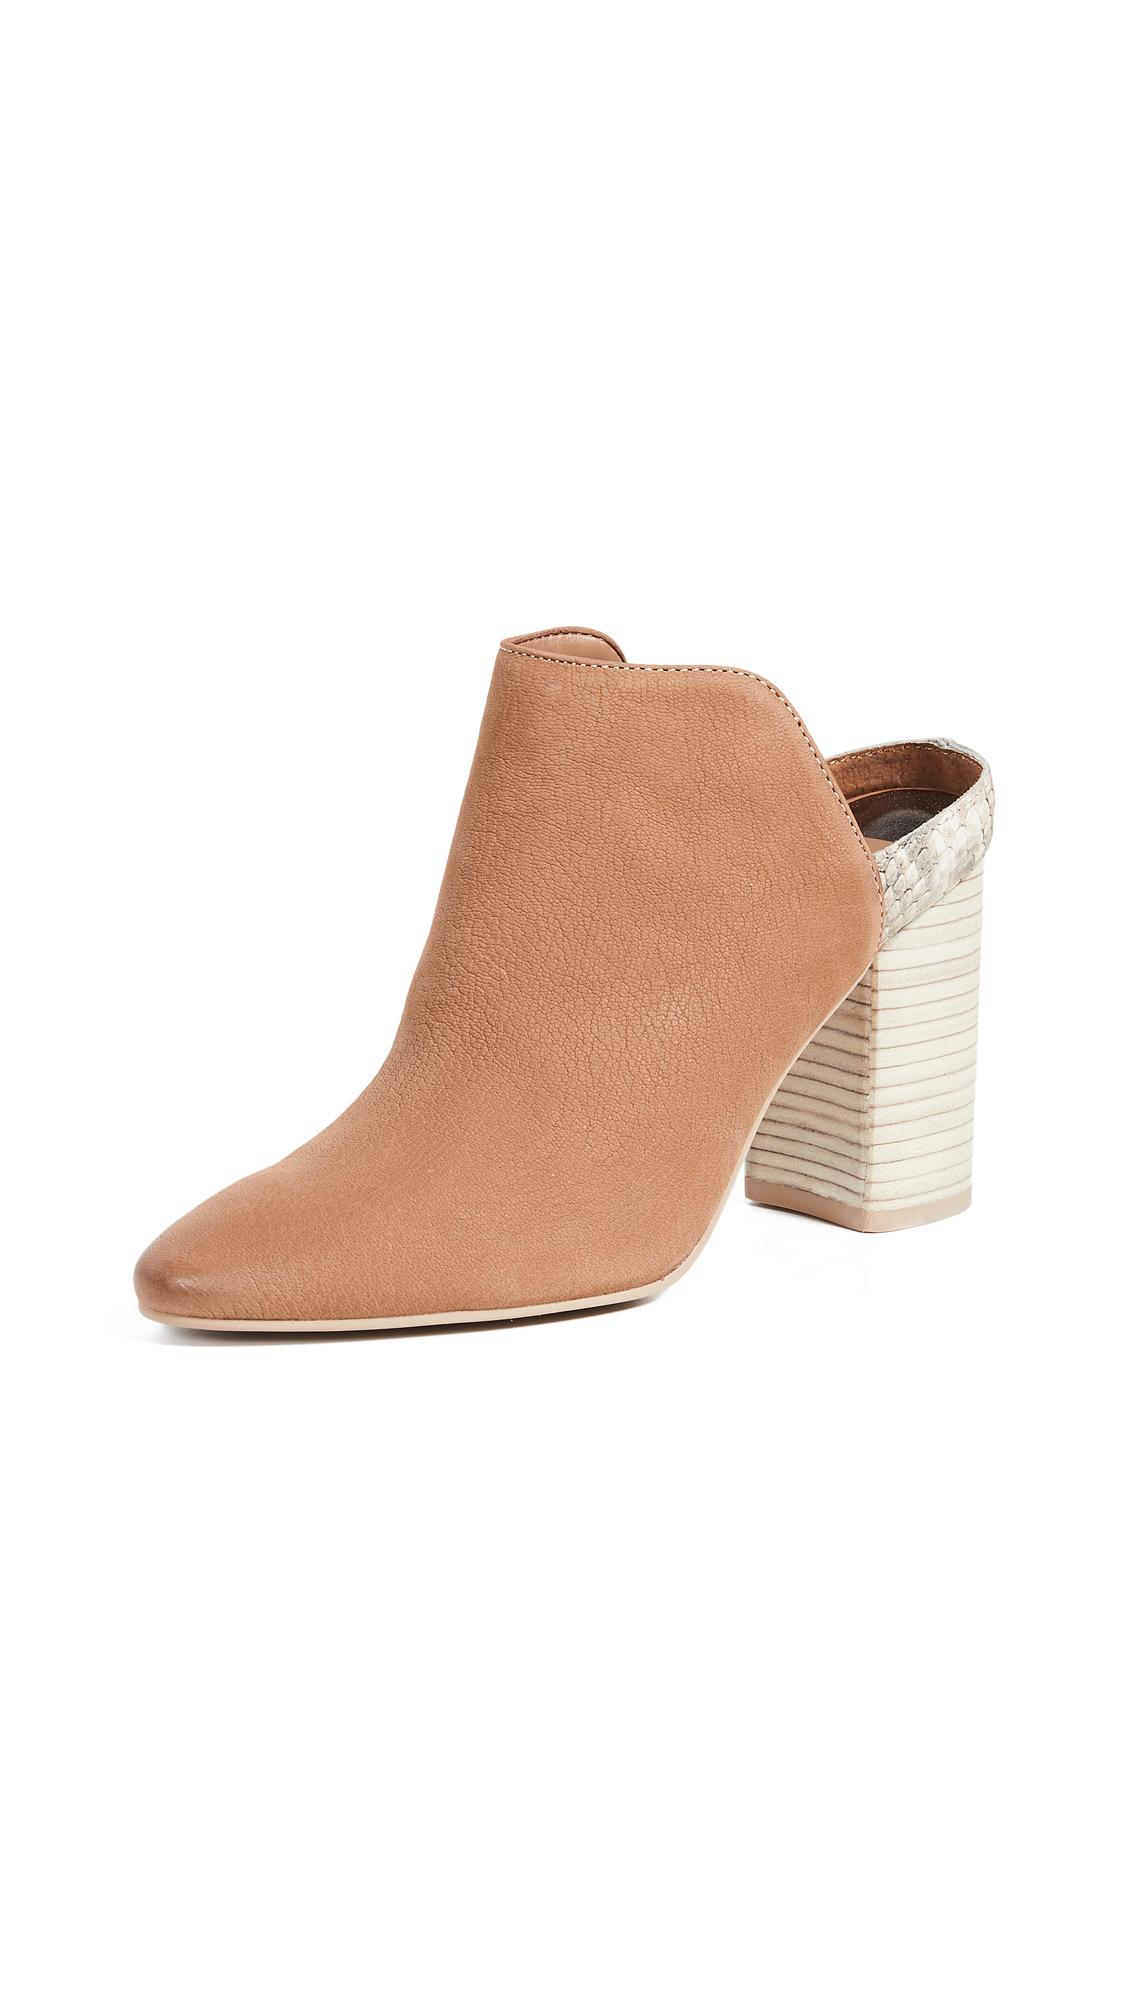 Dolce Vita Renly Block Heel Mules - Tan